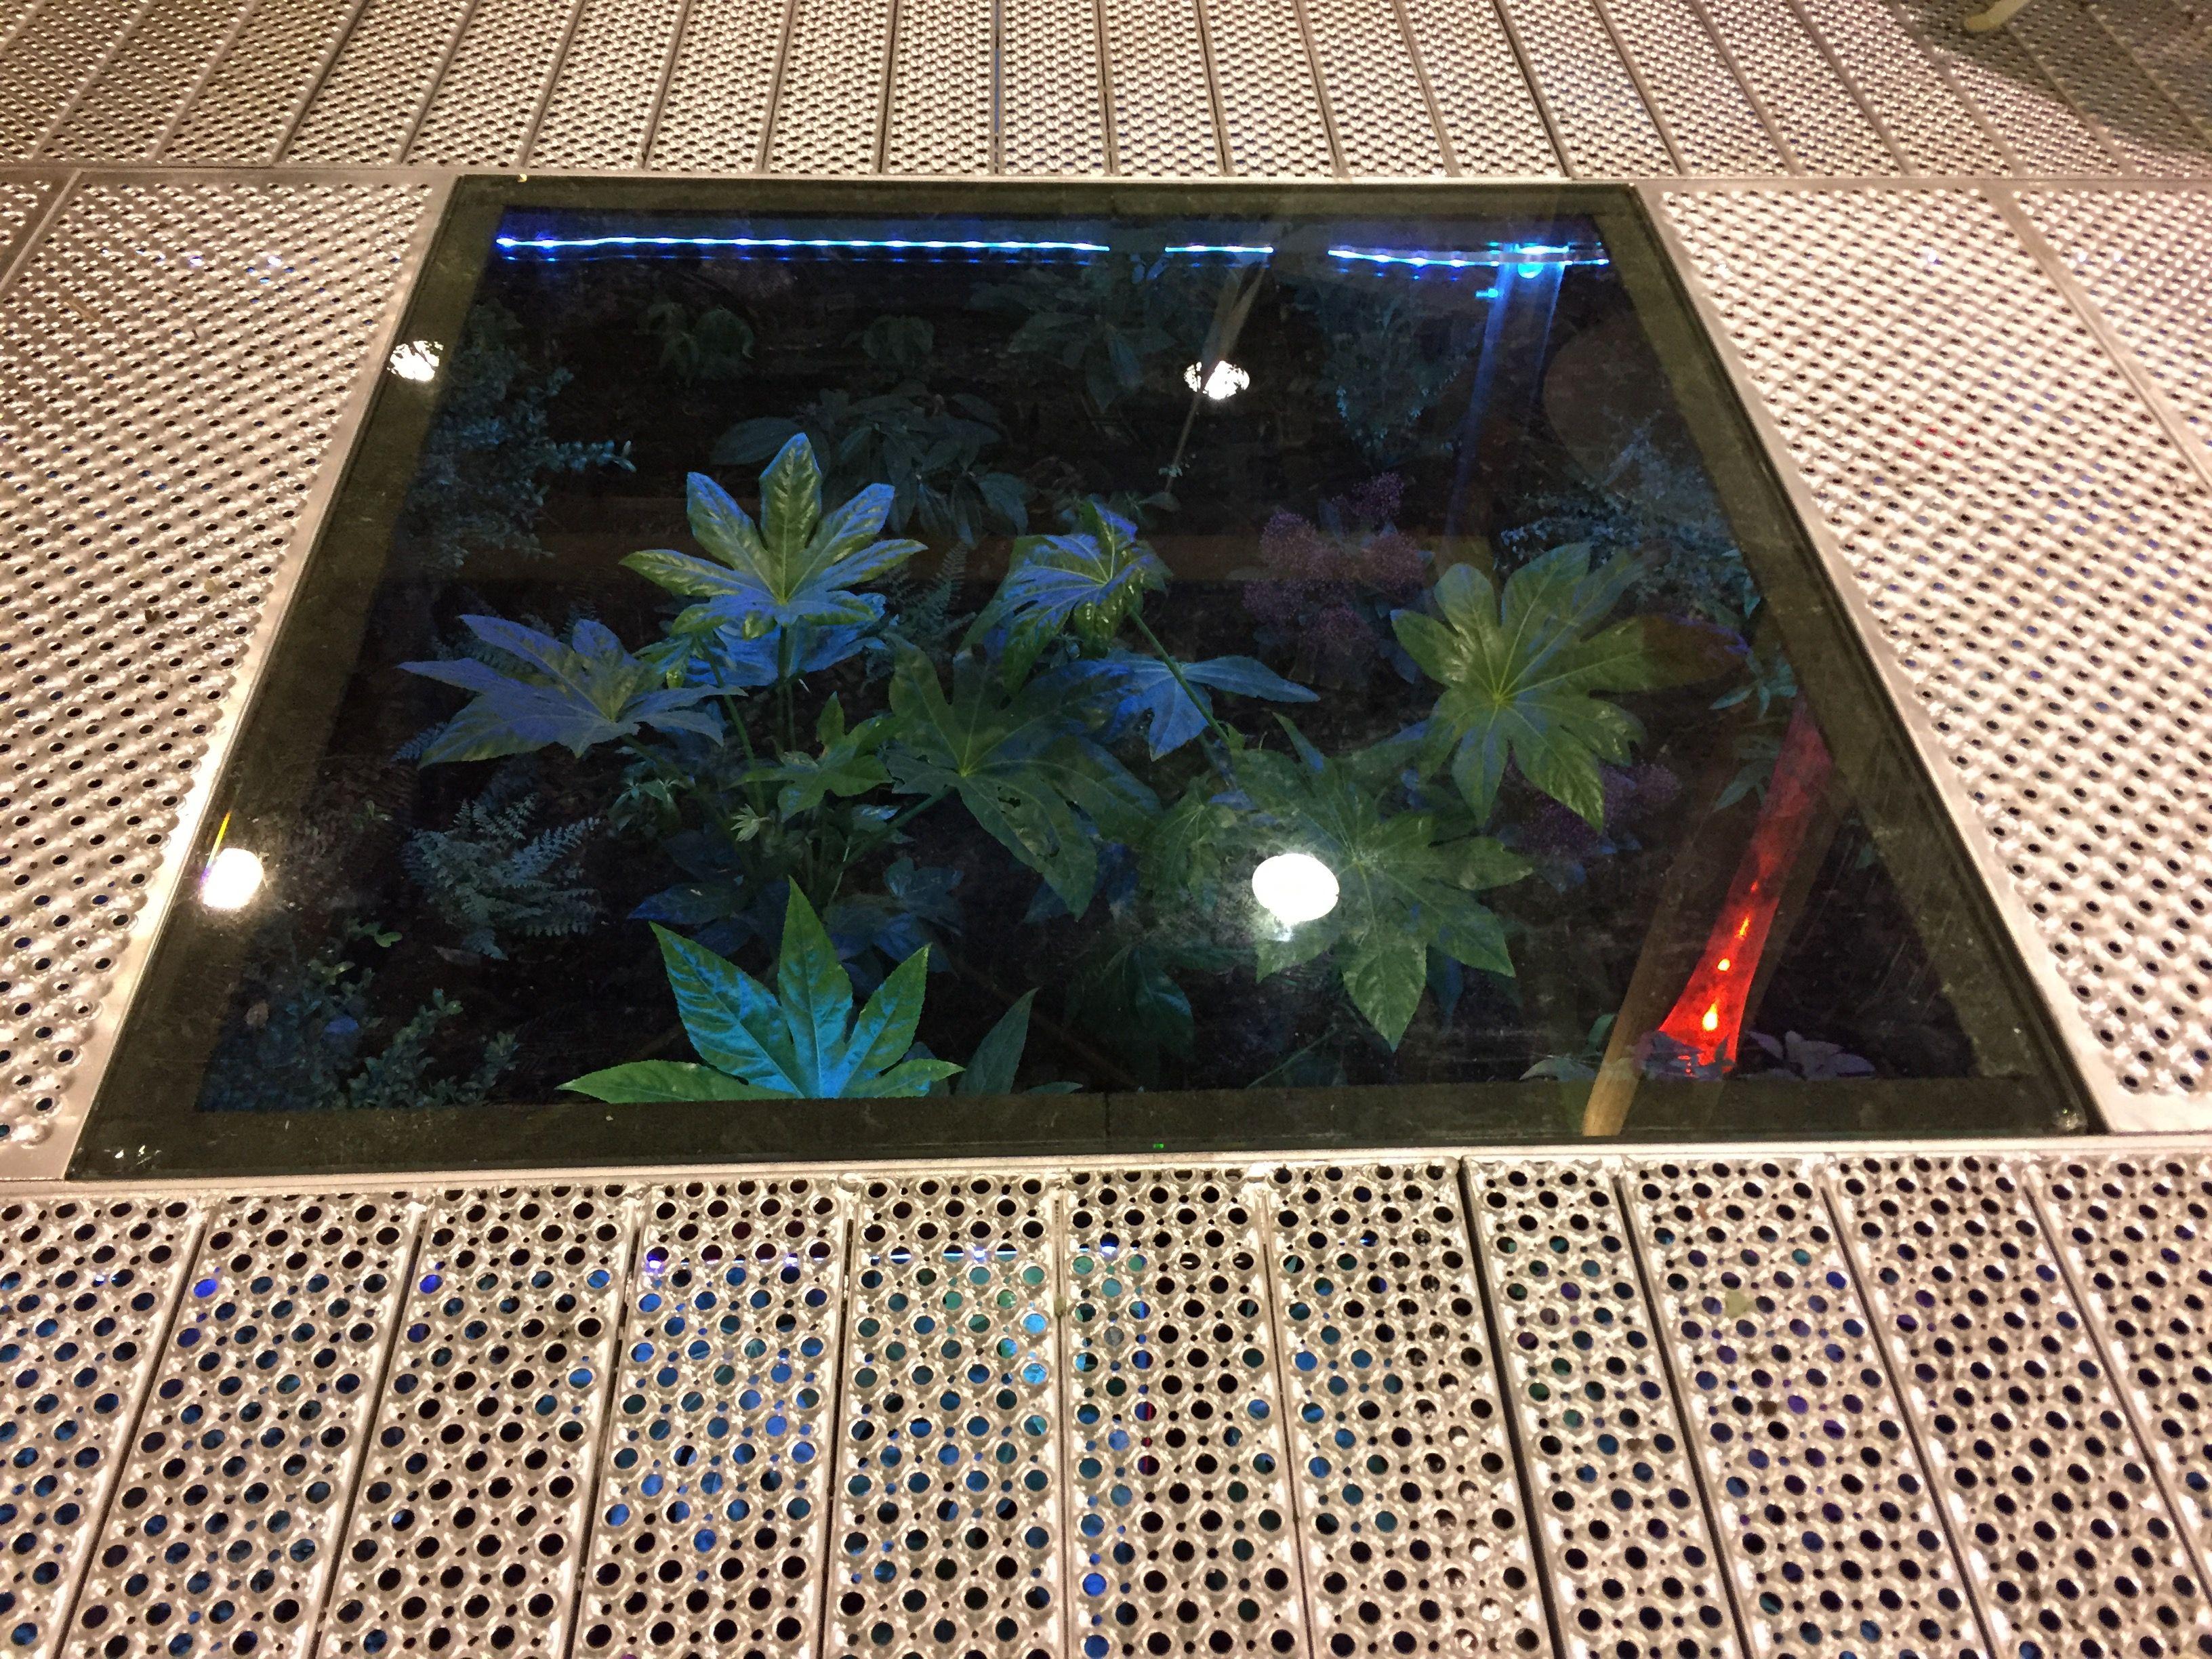 gezien op tuinidee 2017 vloerrooster met glasplaat en daaronder planten en verlichting ontwerp